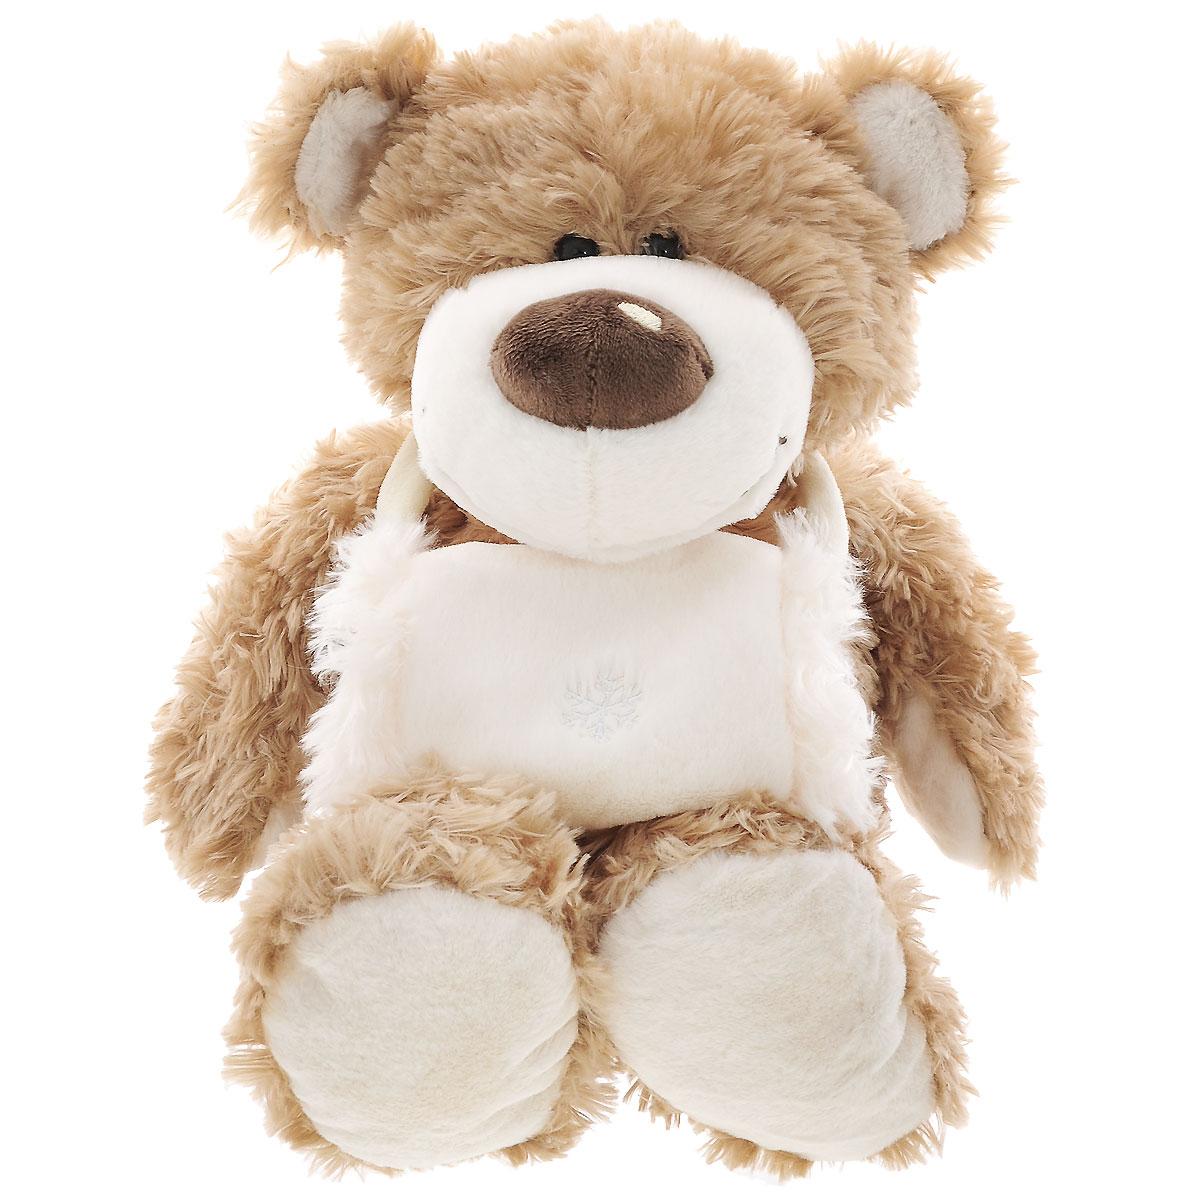 Plush Apple Мягкая игрушка Медведь с муфтой, 42 смK18038AМягкая игрушка Медведь с муфтой станет прекрасным подарком и обязательно понравится ребенку. Игрушка торговой марки Plush Apple изготовлена из сертифицированных и безопасных материалов. Мишка сможет составить компанию и дома, и на прогулке, и даже в постели, когда ребенок ложится спать. У Мишки очень мягкая и приятная на ощупь шерстка. На шее у медведя находится теплая и мягкая муфта. Оригинальный дизайн и великолепное качество исполнения делают игрушку Медведь с муфтой чудесным подарком к любому празднику, а жизнерадостный образ представит такой подарок в самом лучшем свете.